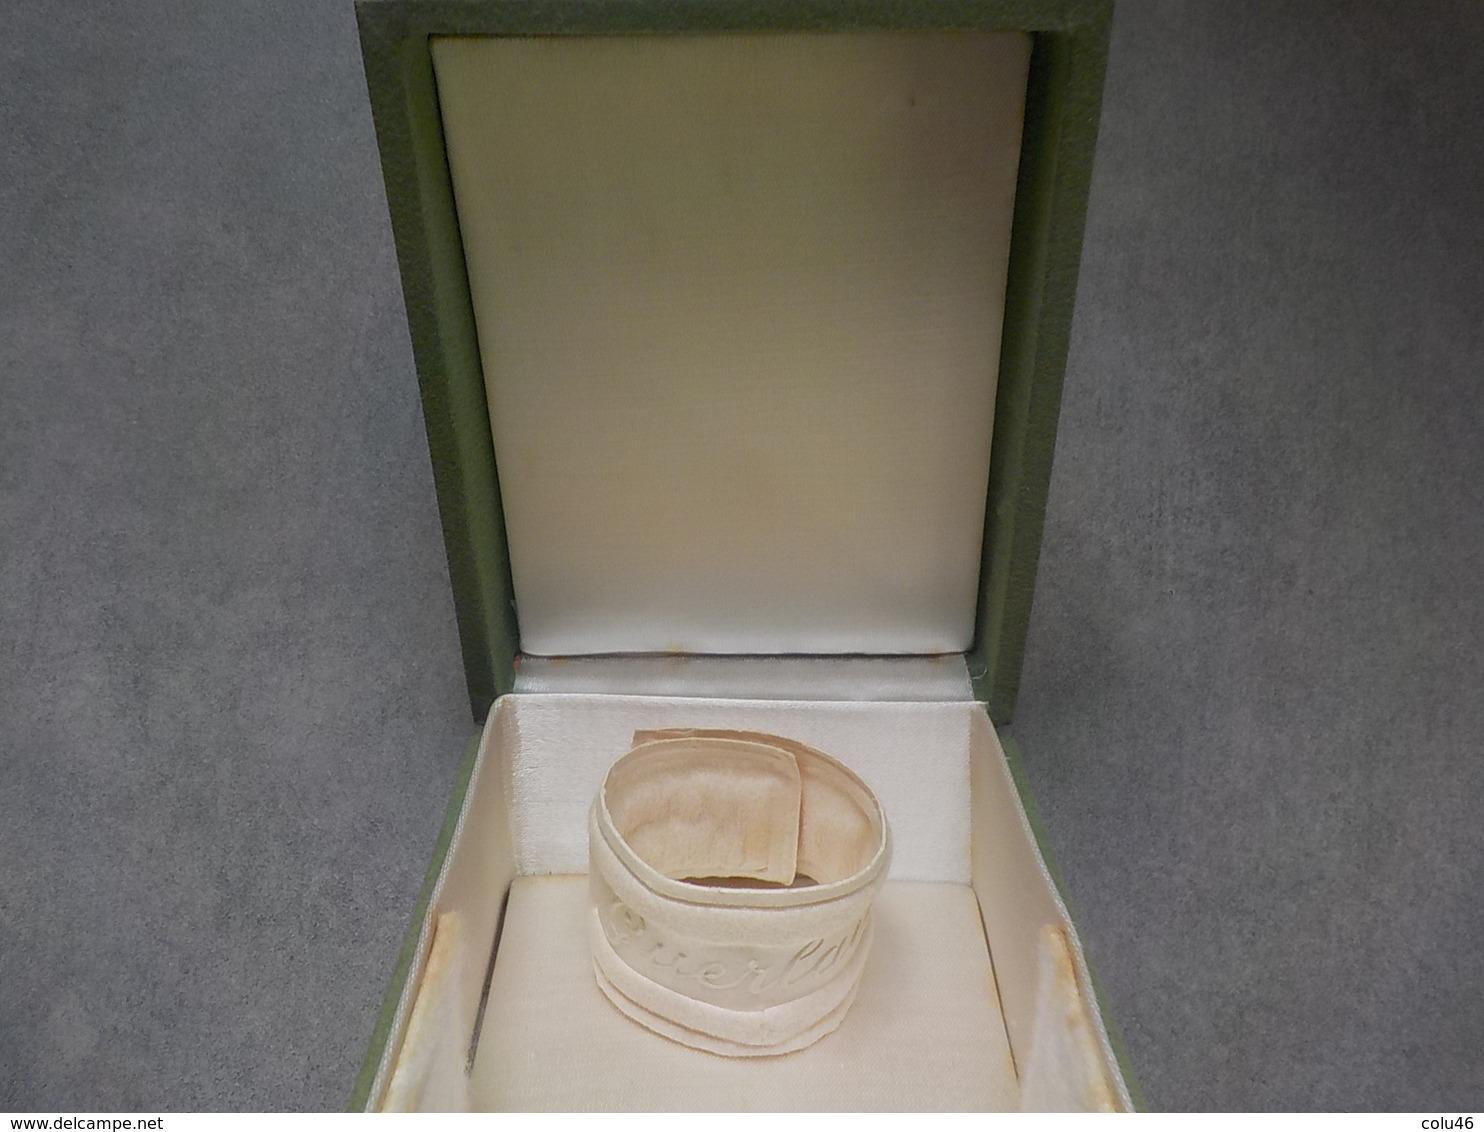 Boîte Ancienne Rare Vide Pour Parfum Ancien Fleur Stylisée Grand Modèle - Miniatures (avec Boite)